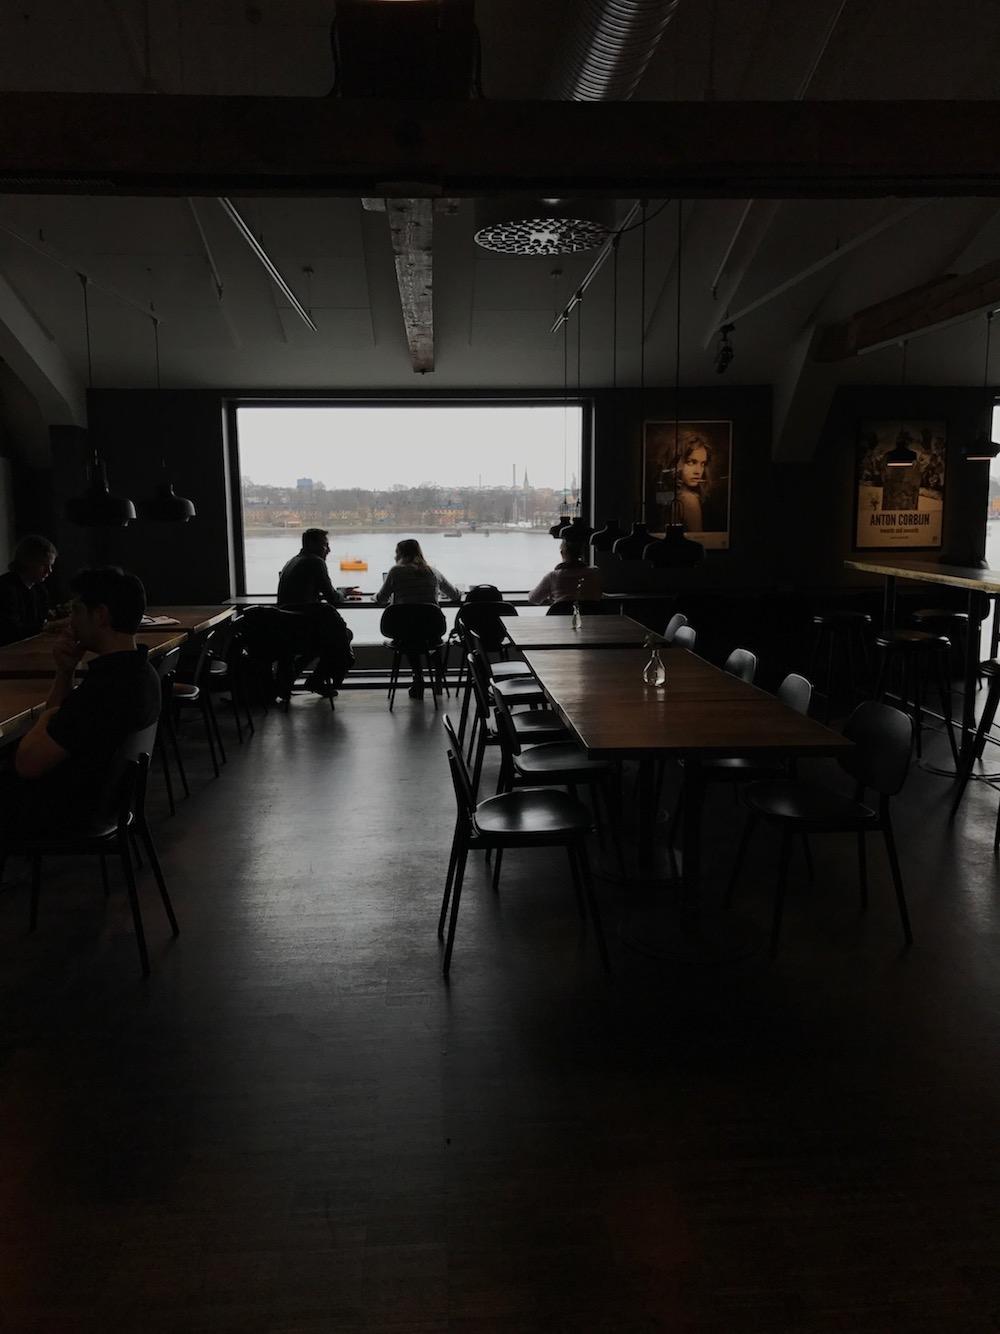 Cafe in Fotografiska